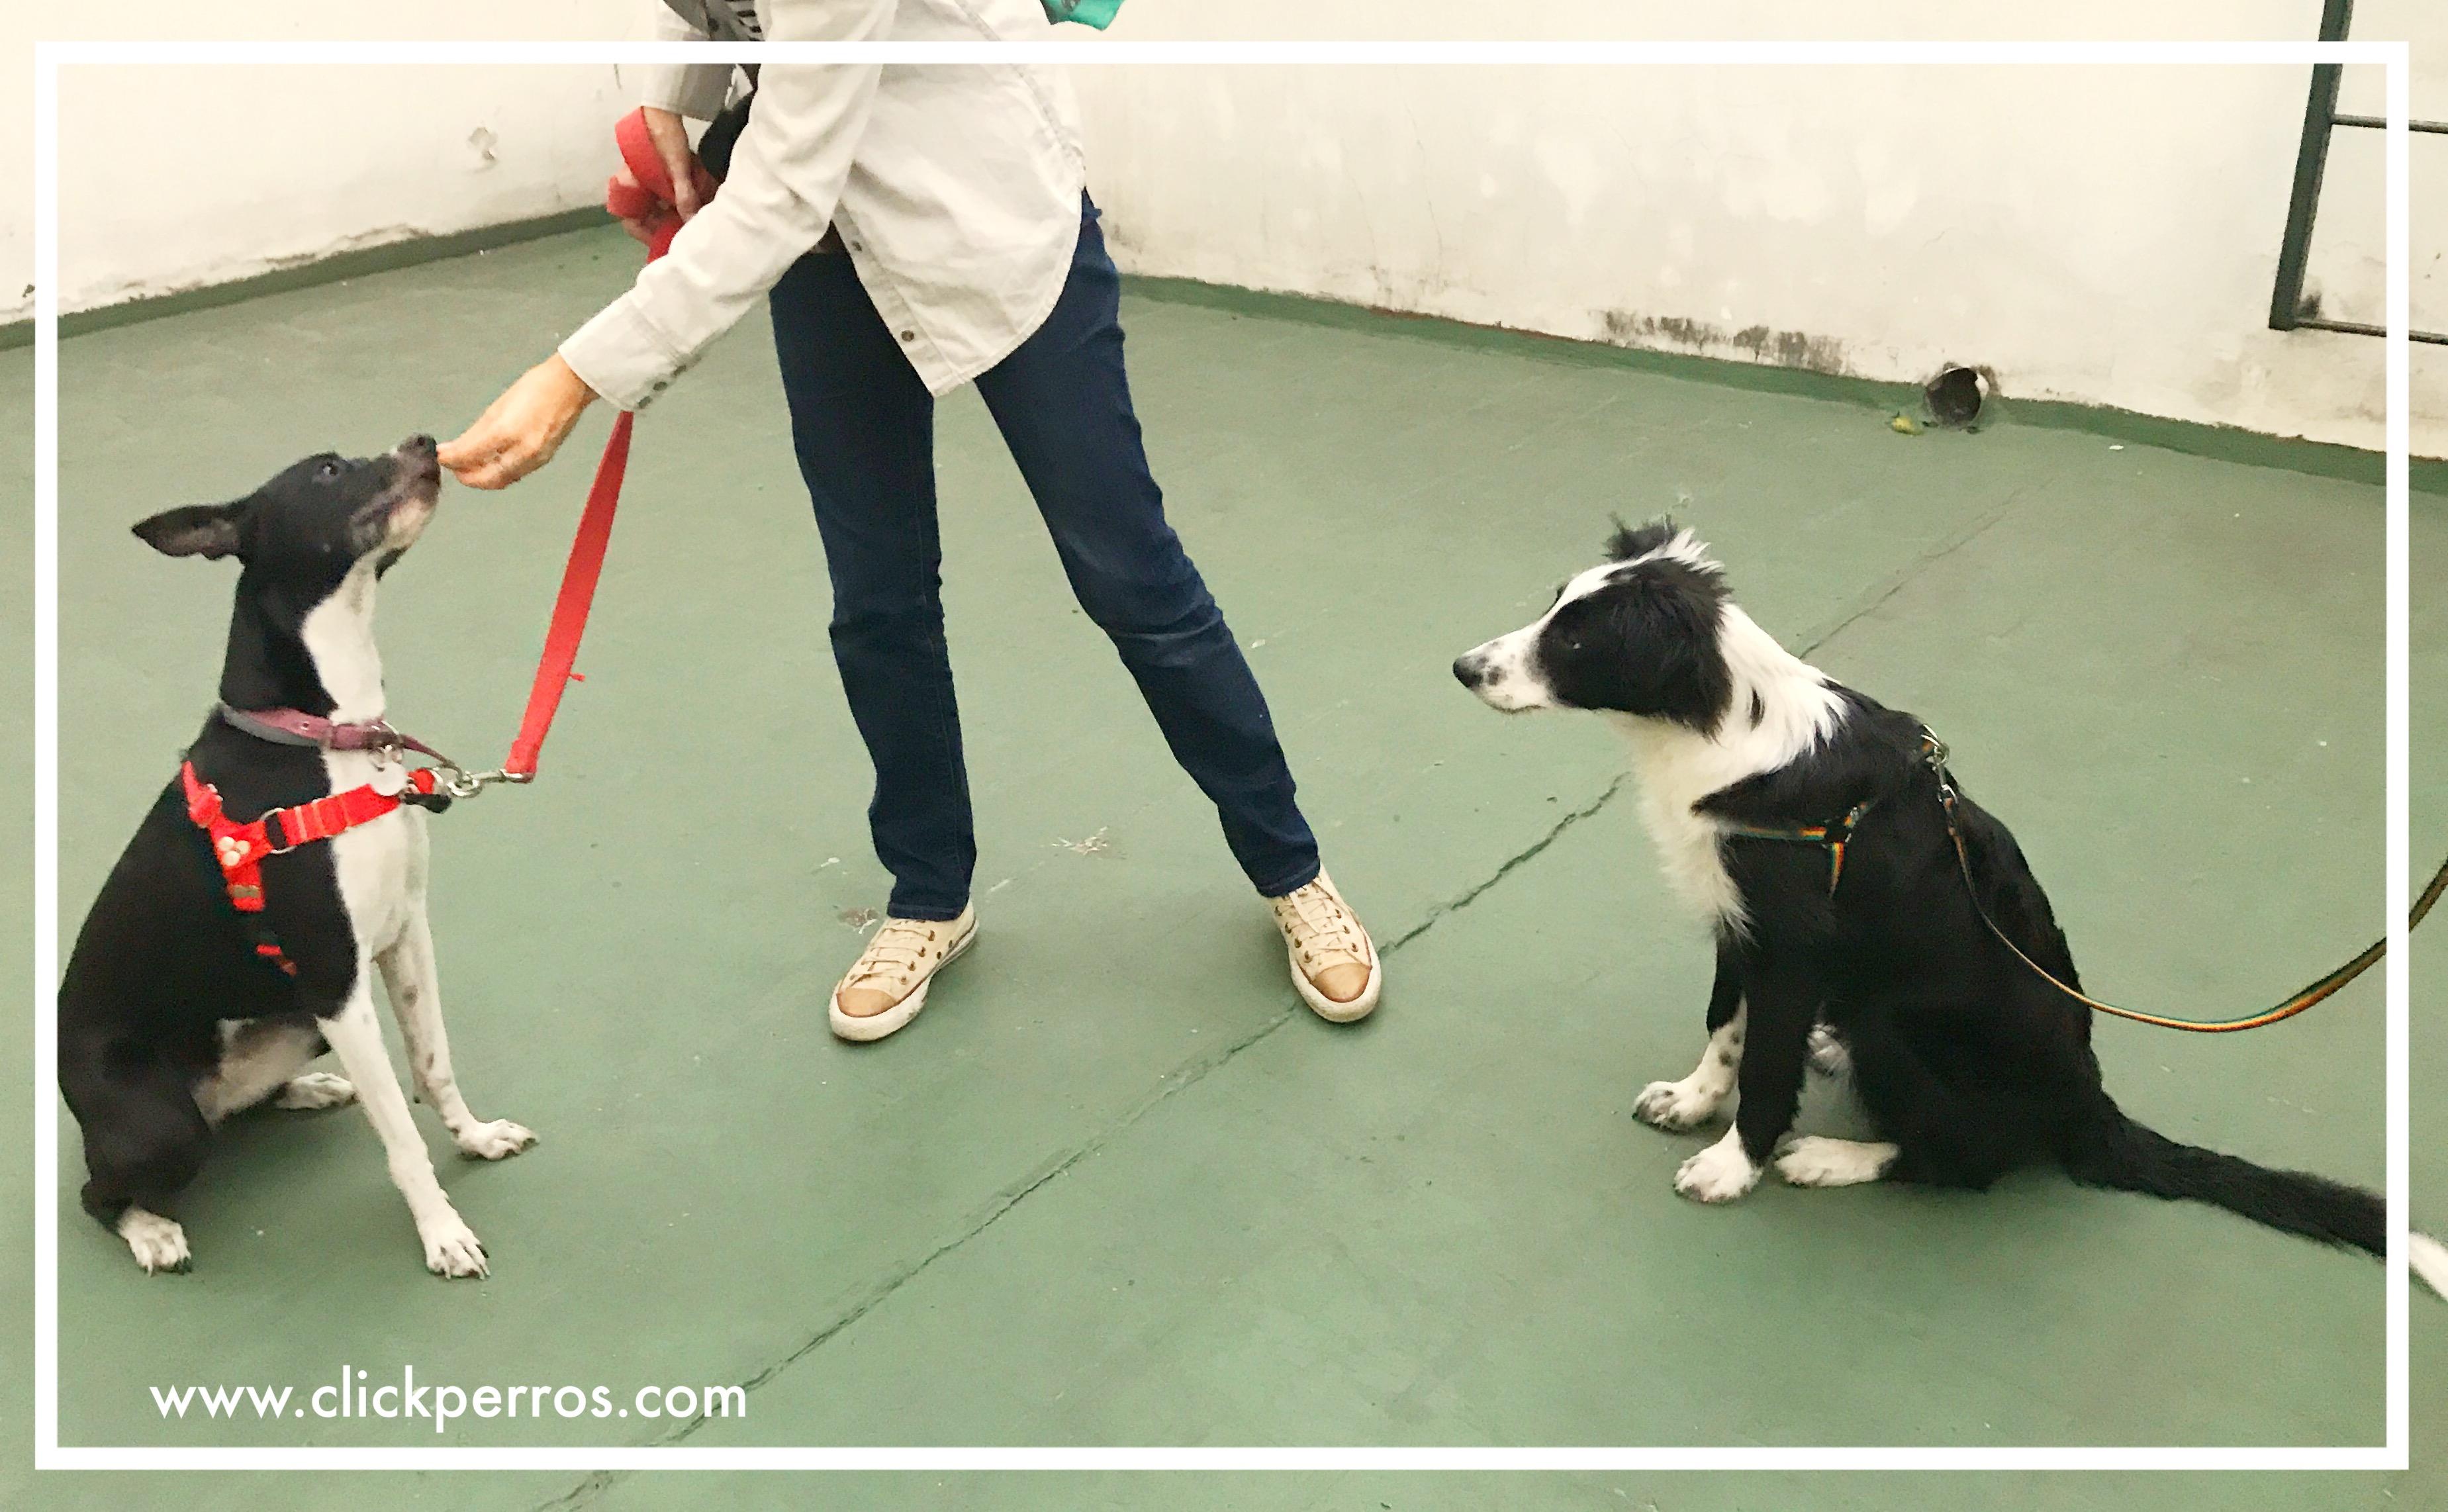 adiestramiento canino con metodos positivos mendoza argentina